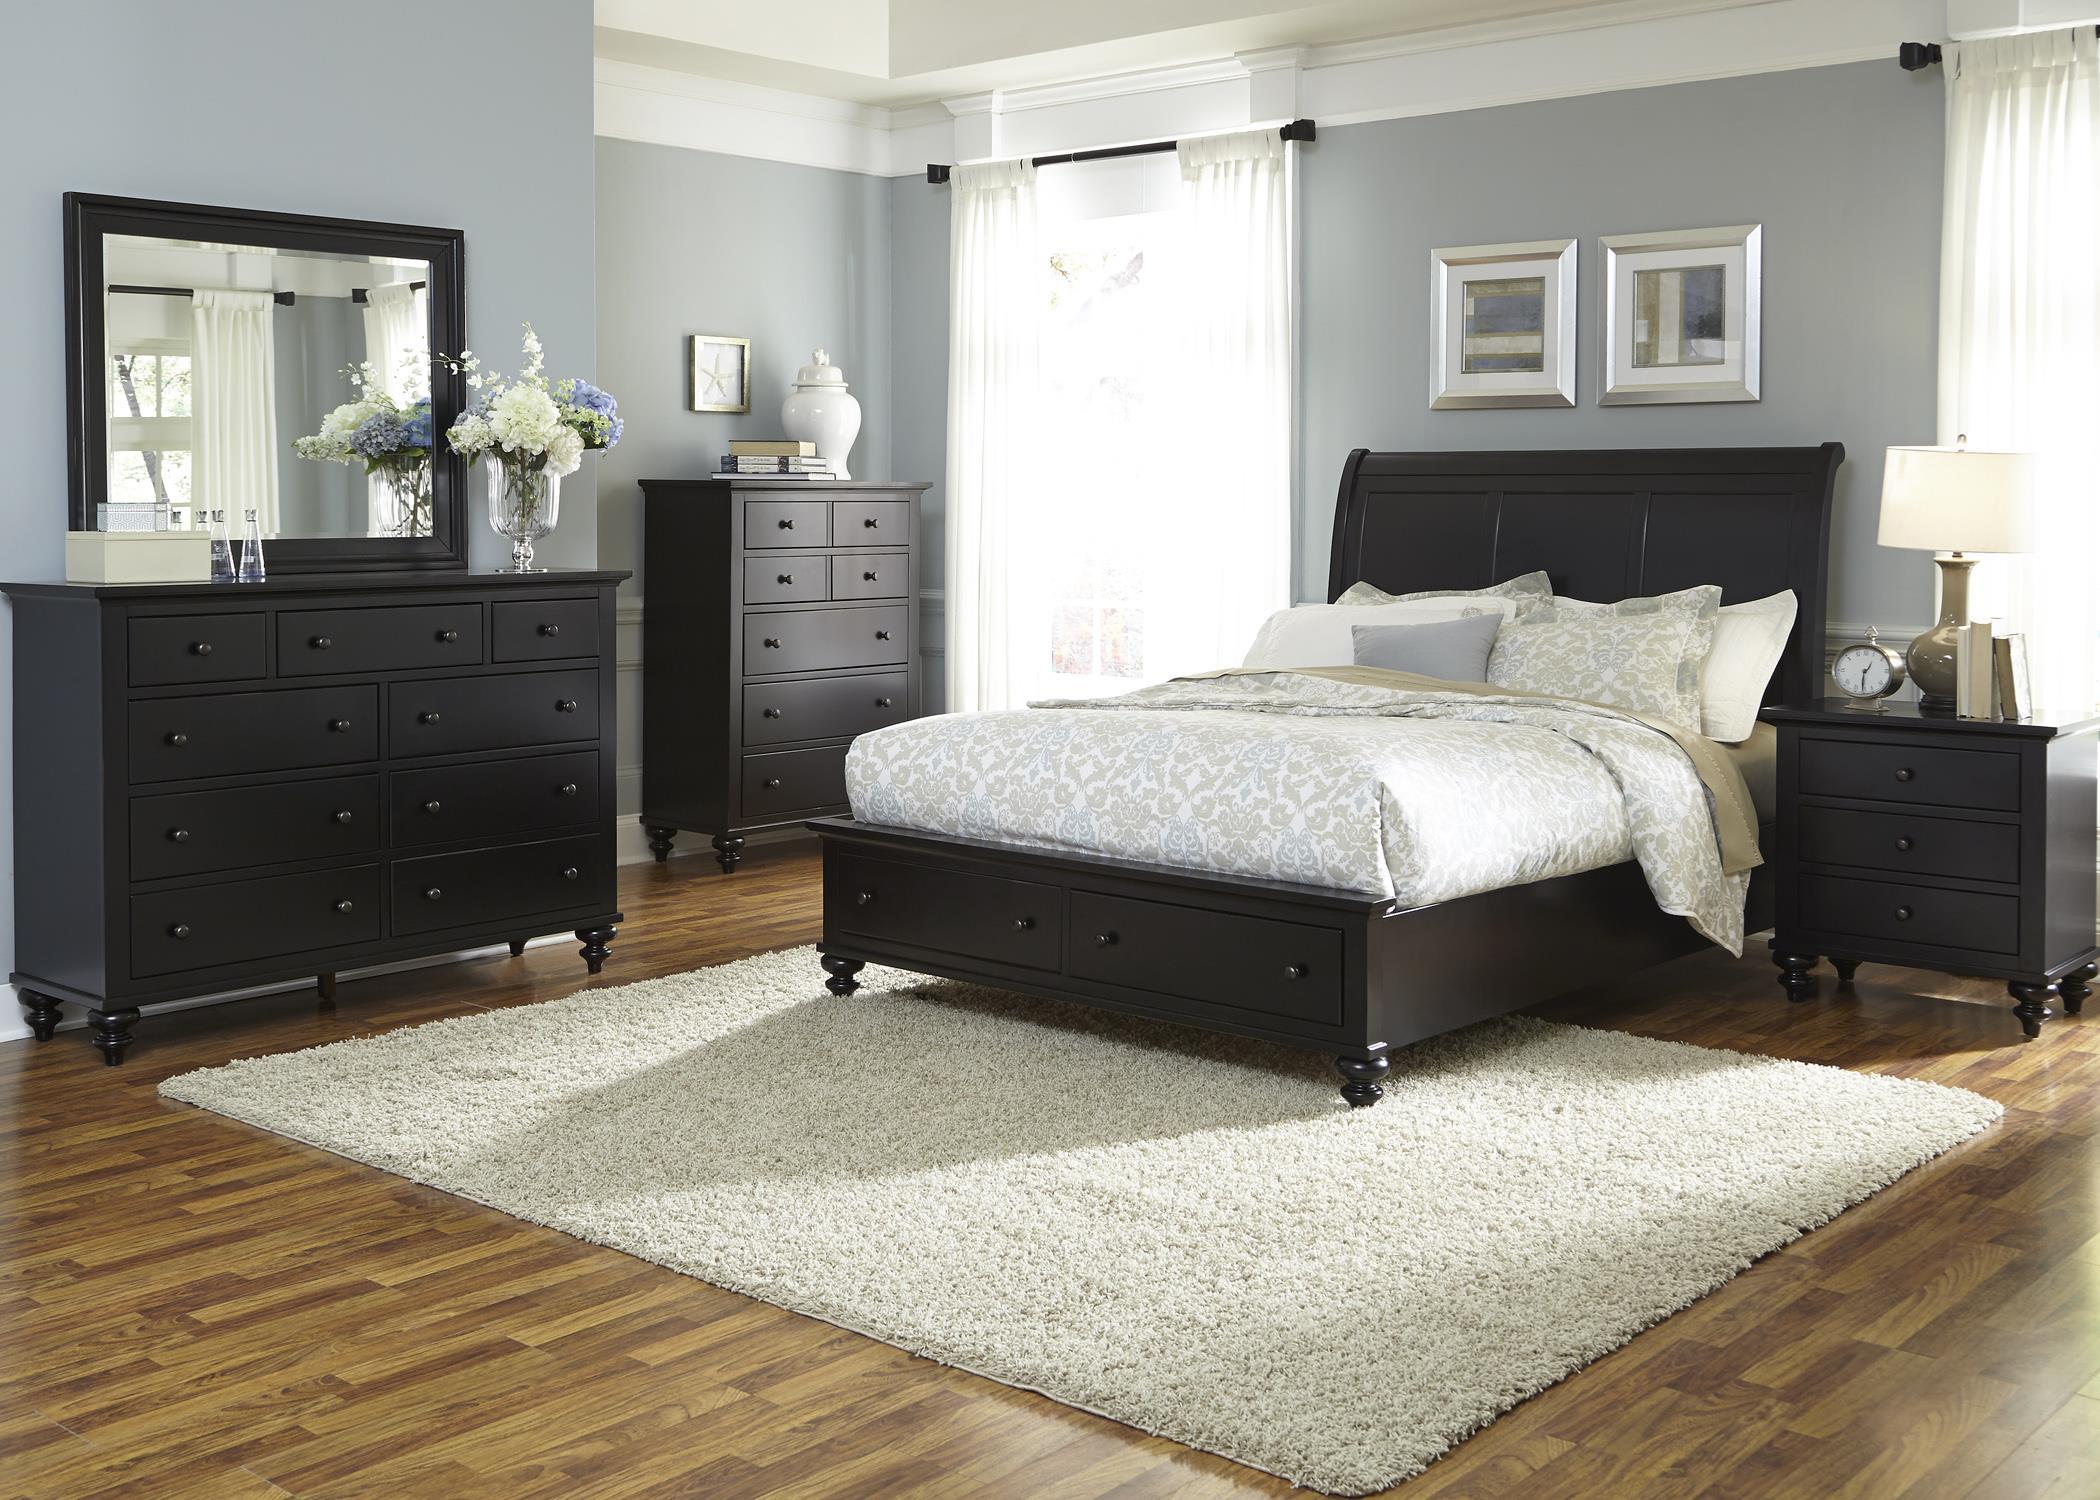 Liberty Furniture Hamilton III Queen Bedroom Group - Item Number: 441-BR Q Bedroom Group 1